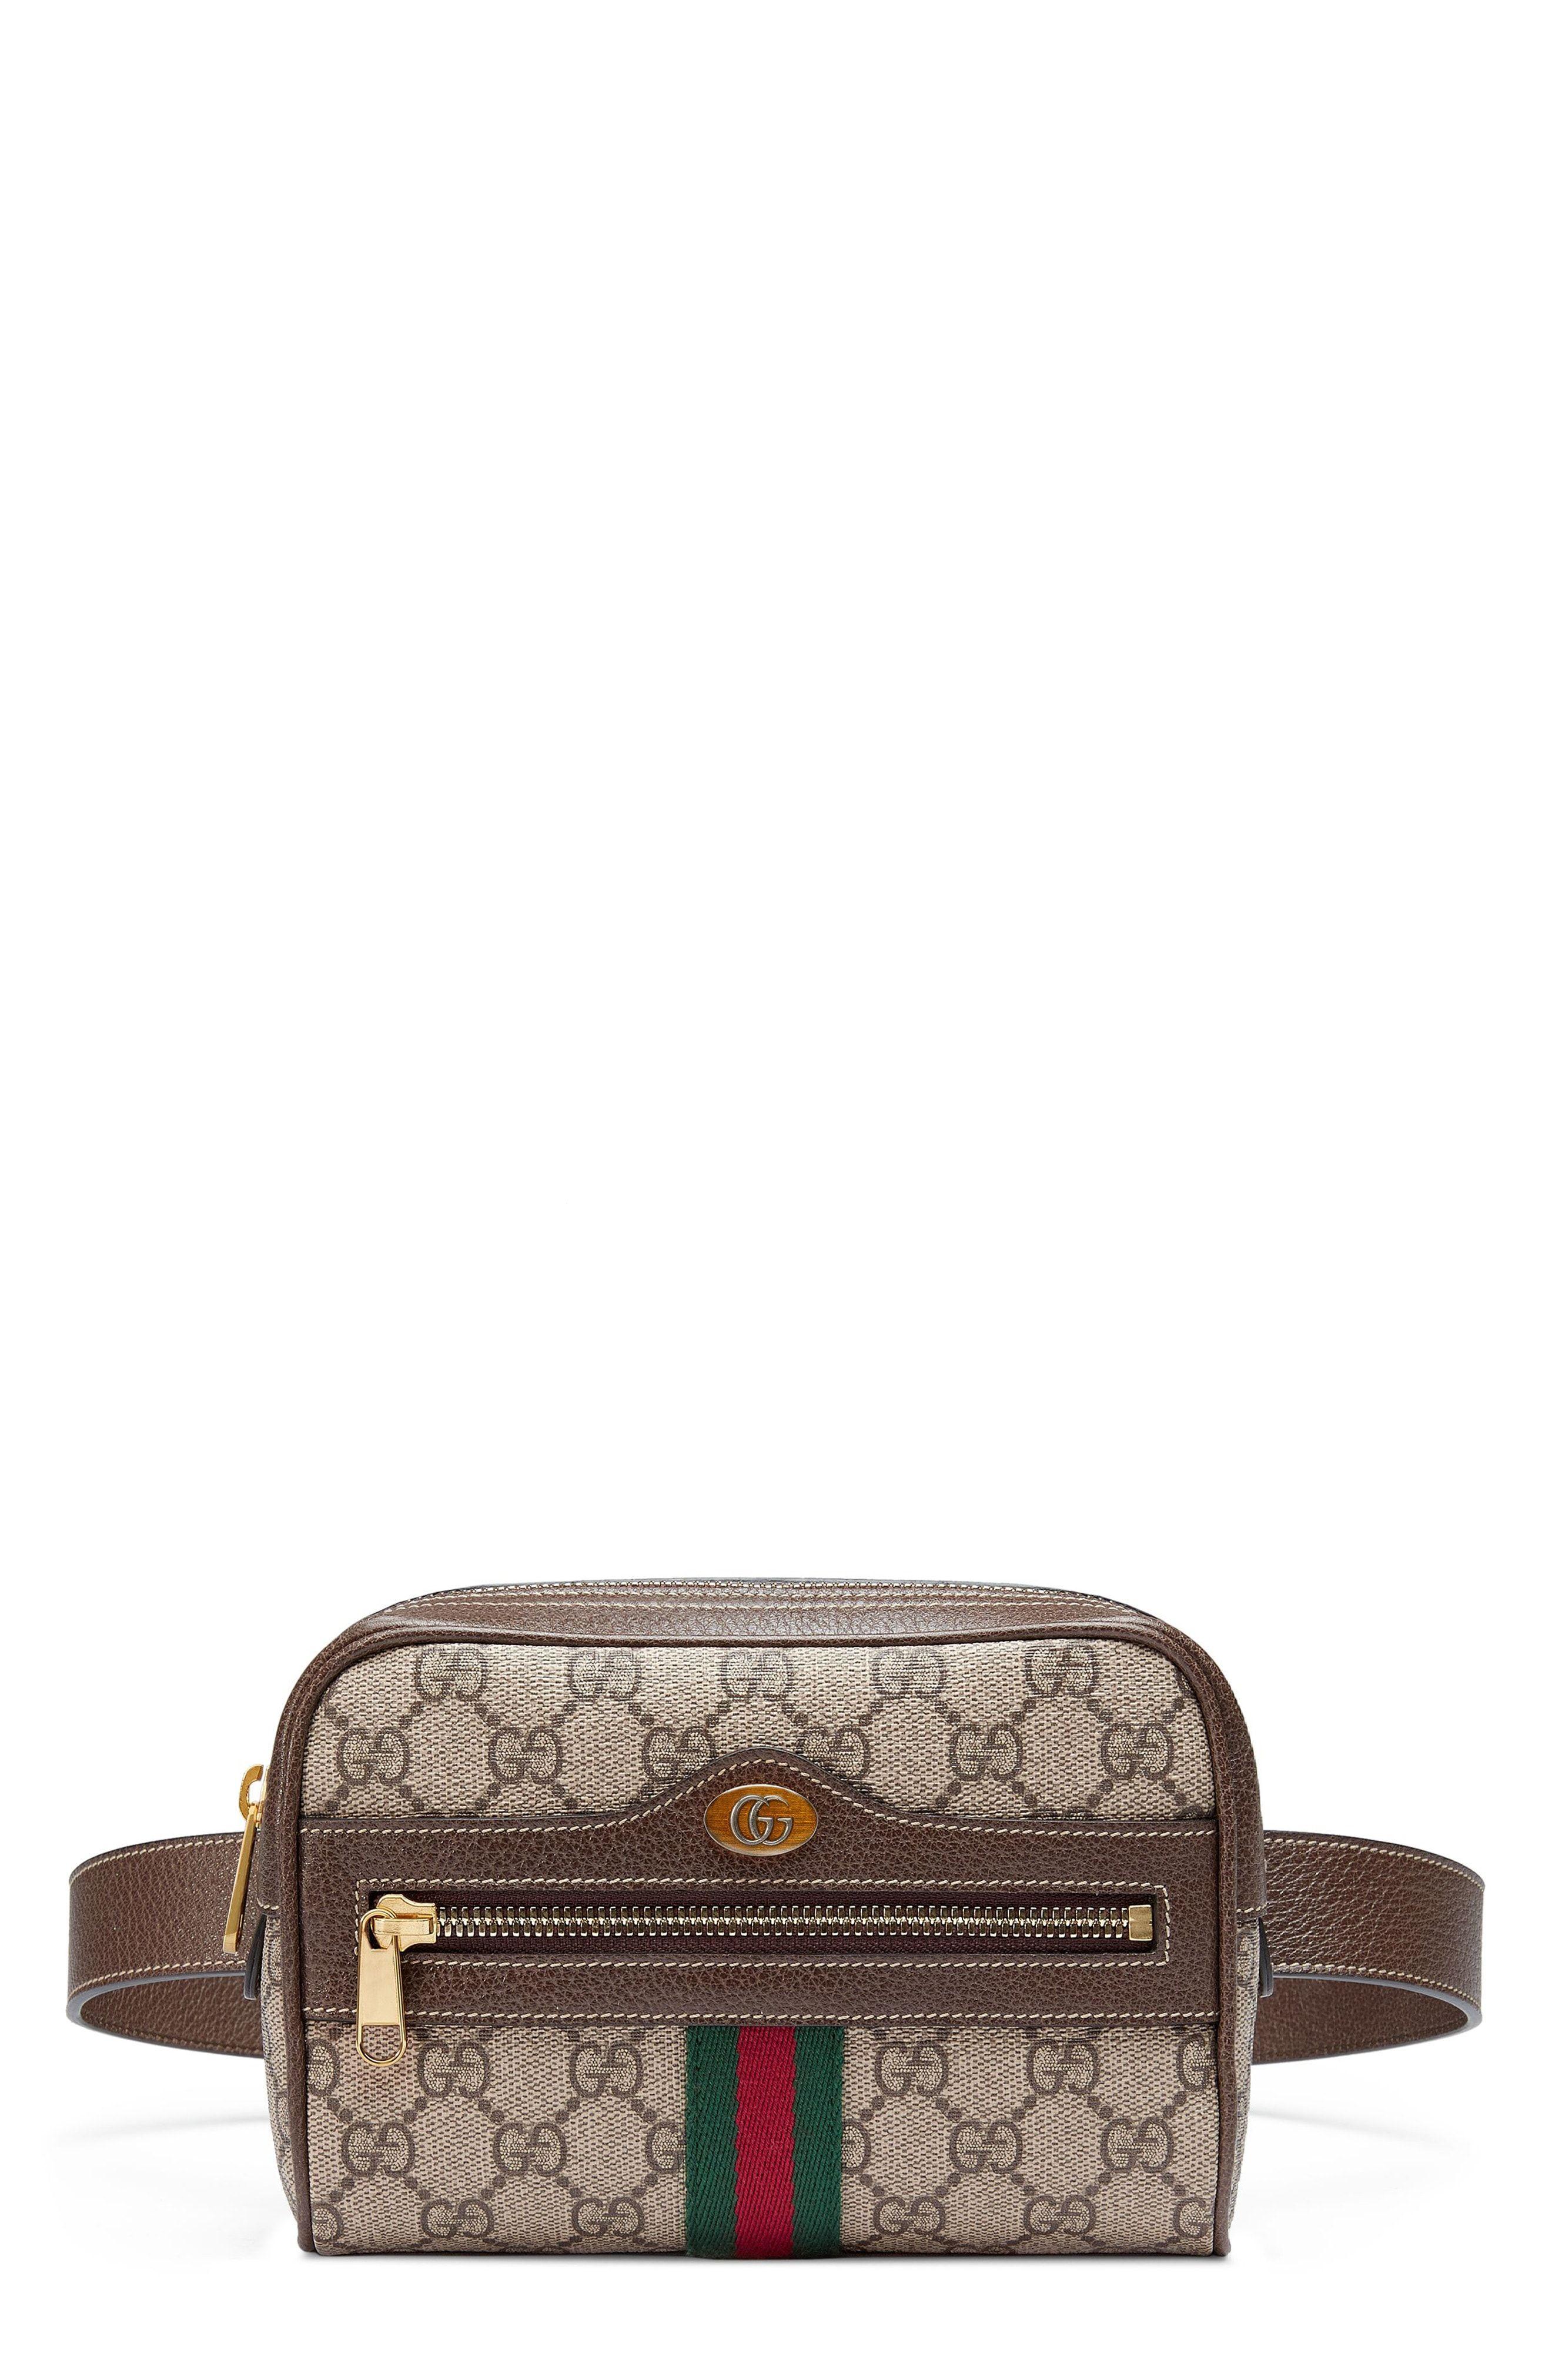 35a02e33397 Gucci Small Ophidia GG Supreme Canvas Belt Bag  Gucci  Guccibag  beltbag   Guccifannypack  Guccibeltbag  Guccibags